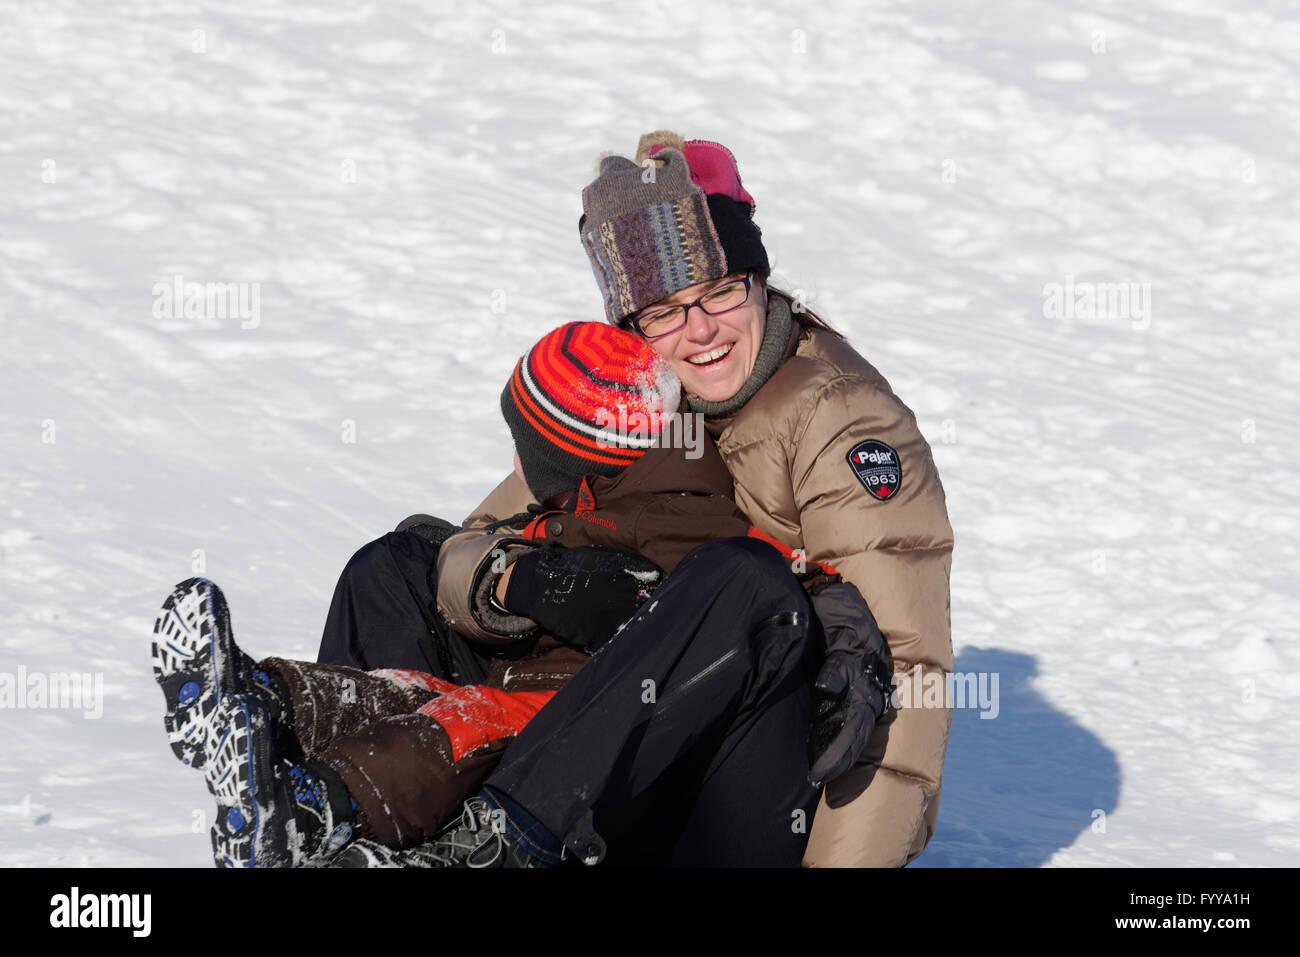 Mère et fils (4 ans) de la luge au Québec Canada Photo Stock